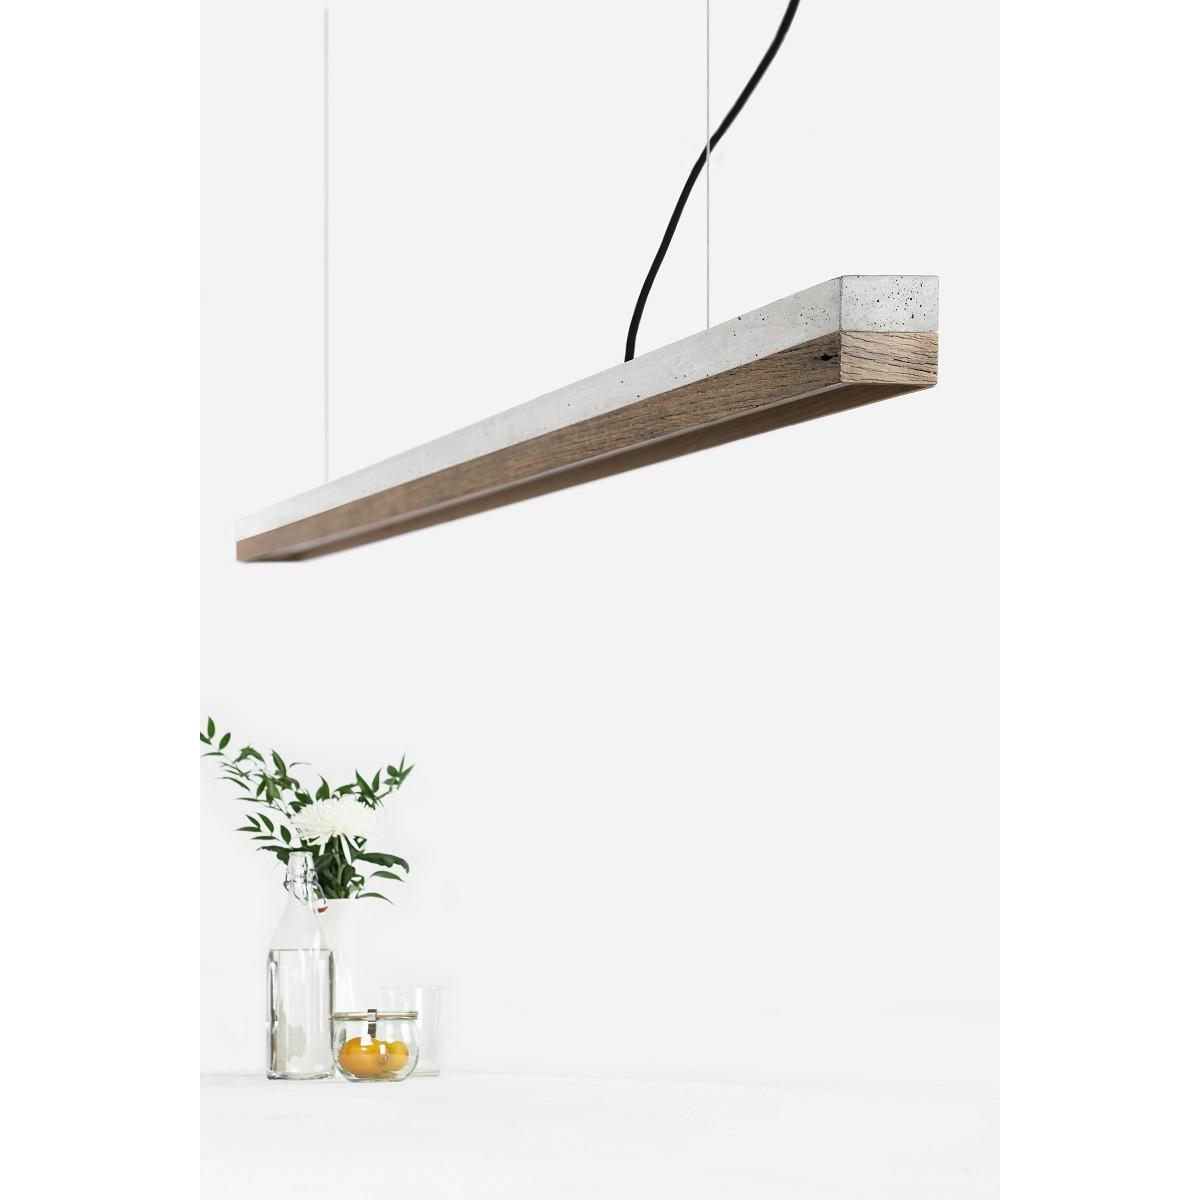 GANTlights - Beton Hängeleuchte [C3]old wood Lampe Altholz minimalistisch